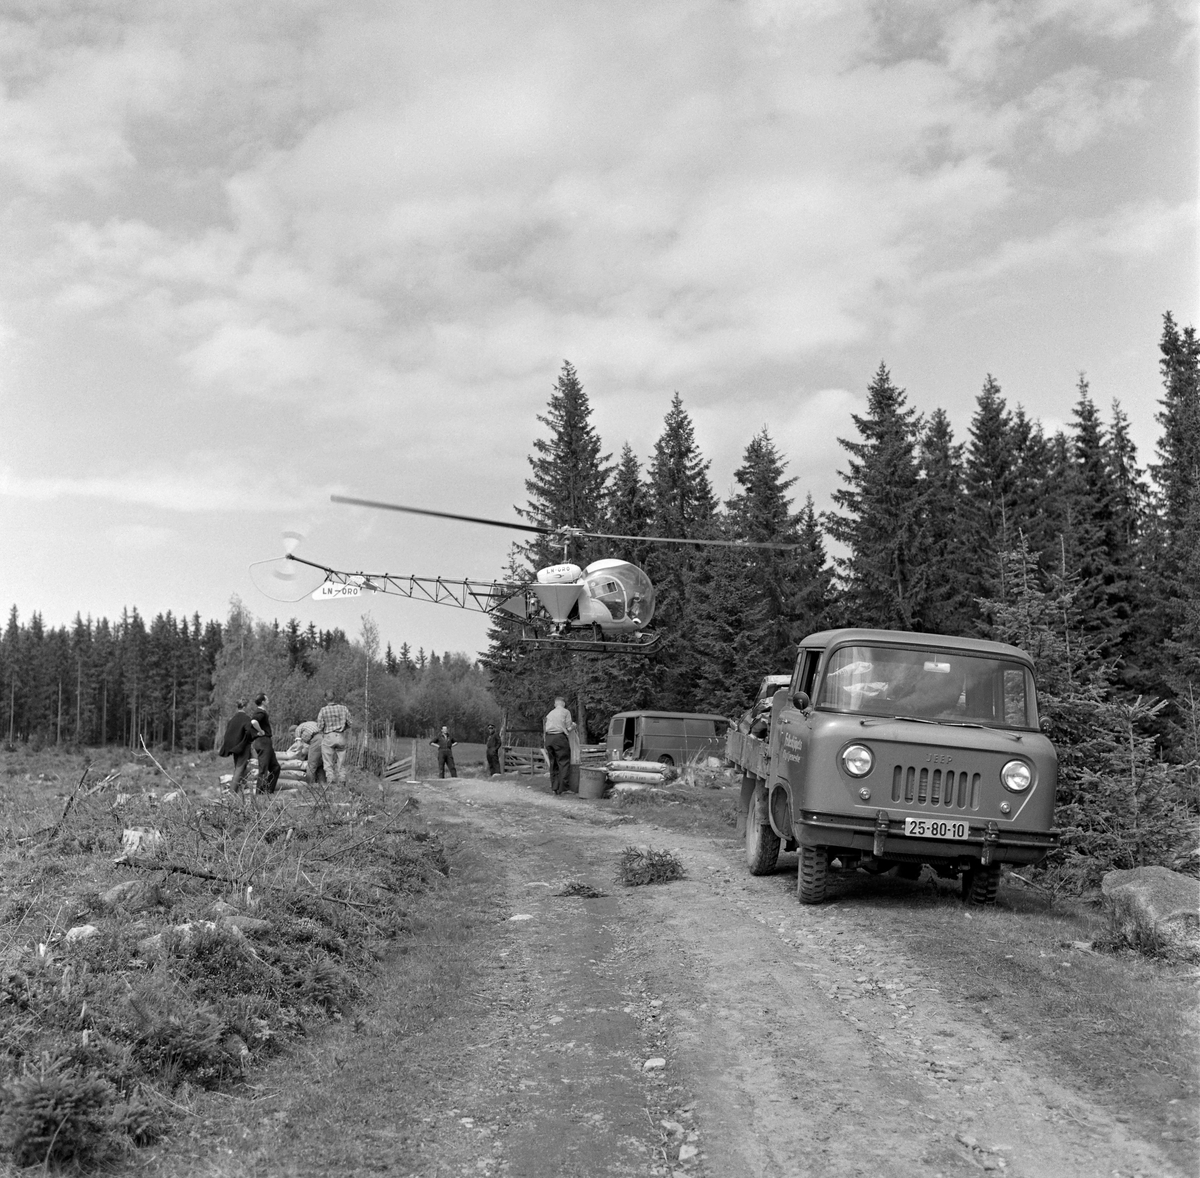 Forberedelser til gjødsling av skog fra helikopter. Fotografiet viser et helikopter med sidemontert gjødselbeholder i lav høyde over bakken over en skogsbilveg på ei åpen flate i skogen. På bakken under helikopteret ser vi noen menn og en del sekker med «Urea» - ei gjødselblanding som ble utviklet spesielt for det norske skogbruket av Norsk Hydro, som et ledd i bestrebelsene for å øke tilveksten i de norske skogene med sikte på å være mest mulig sjølforsynt med råstoff til trelast- og papirindustrien. Gjødslingsaktiviteten ble orientert mot ungskogen, for det gjaldt å sikre den nevnte industrien noenlunde jevn råstofftilgang.  Skogeiersamvirket bidrog med å skaffe i traktormonterte spredeaggregater. Tidlig i 1960-åra etablerte Felleskjøpet en avdeling som tilbød gjødsling av skog fra fly.  Selskapet tok oppdrag så fremt det var snakk om sammenhengende areal på minst 100 dekar og start- og landingsmuligheter for småfly på en rett vegstrekning eller en innsjø mindre enn tre kilometer fra bestandet. Da dette fotografiet ble tatt var tydeligvis også helikopterspredning blitt et aktuelt alternativ. Landbruksdepartementet åpnet muligheter for finansiering av gjødslinga gjennom skogavgiftsordningen. Med et slikt apparat på plass ble 90 000 dekar norsk skogsmark gjødslet i 1967. Det var primært store skogeiendommer som ble gjødslet, og forkjemperne for denne virksomheten så på eiendomsstrukturen i norsk skogbruk, med mange små teiger, som en begrensende faktor. Det viste seg imidlertid etter hvert at prognosene for den volumtilveksten skogen skulle få etter gjødsling hadde vært vel optimistiske. Aktiviteten på dette området avtok utover i 1970-åra. Skoggjødsling fikk en renessanse i 2016. Da ble det kjent at staten gav tilskudd som dekte 40 prosent av gjødslingskostnadene i ensaldret, eldre barskog, bestand som skulle avvirkes i et tiårsperspektiv. Bakgrunnen for denne skogpolitiske kursendringa var ikke bare en vilje til å gi næringa økonomiske stimulanser – det handlet og